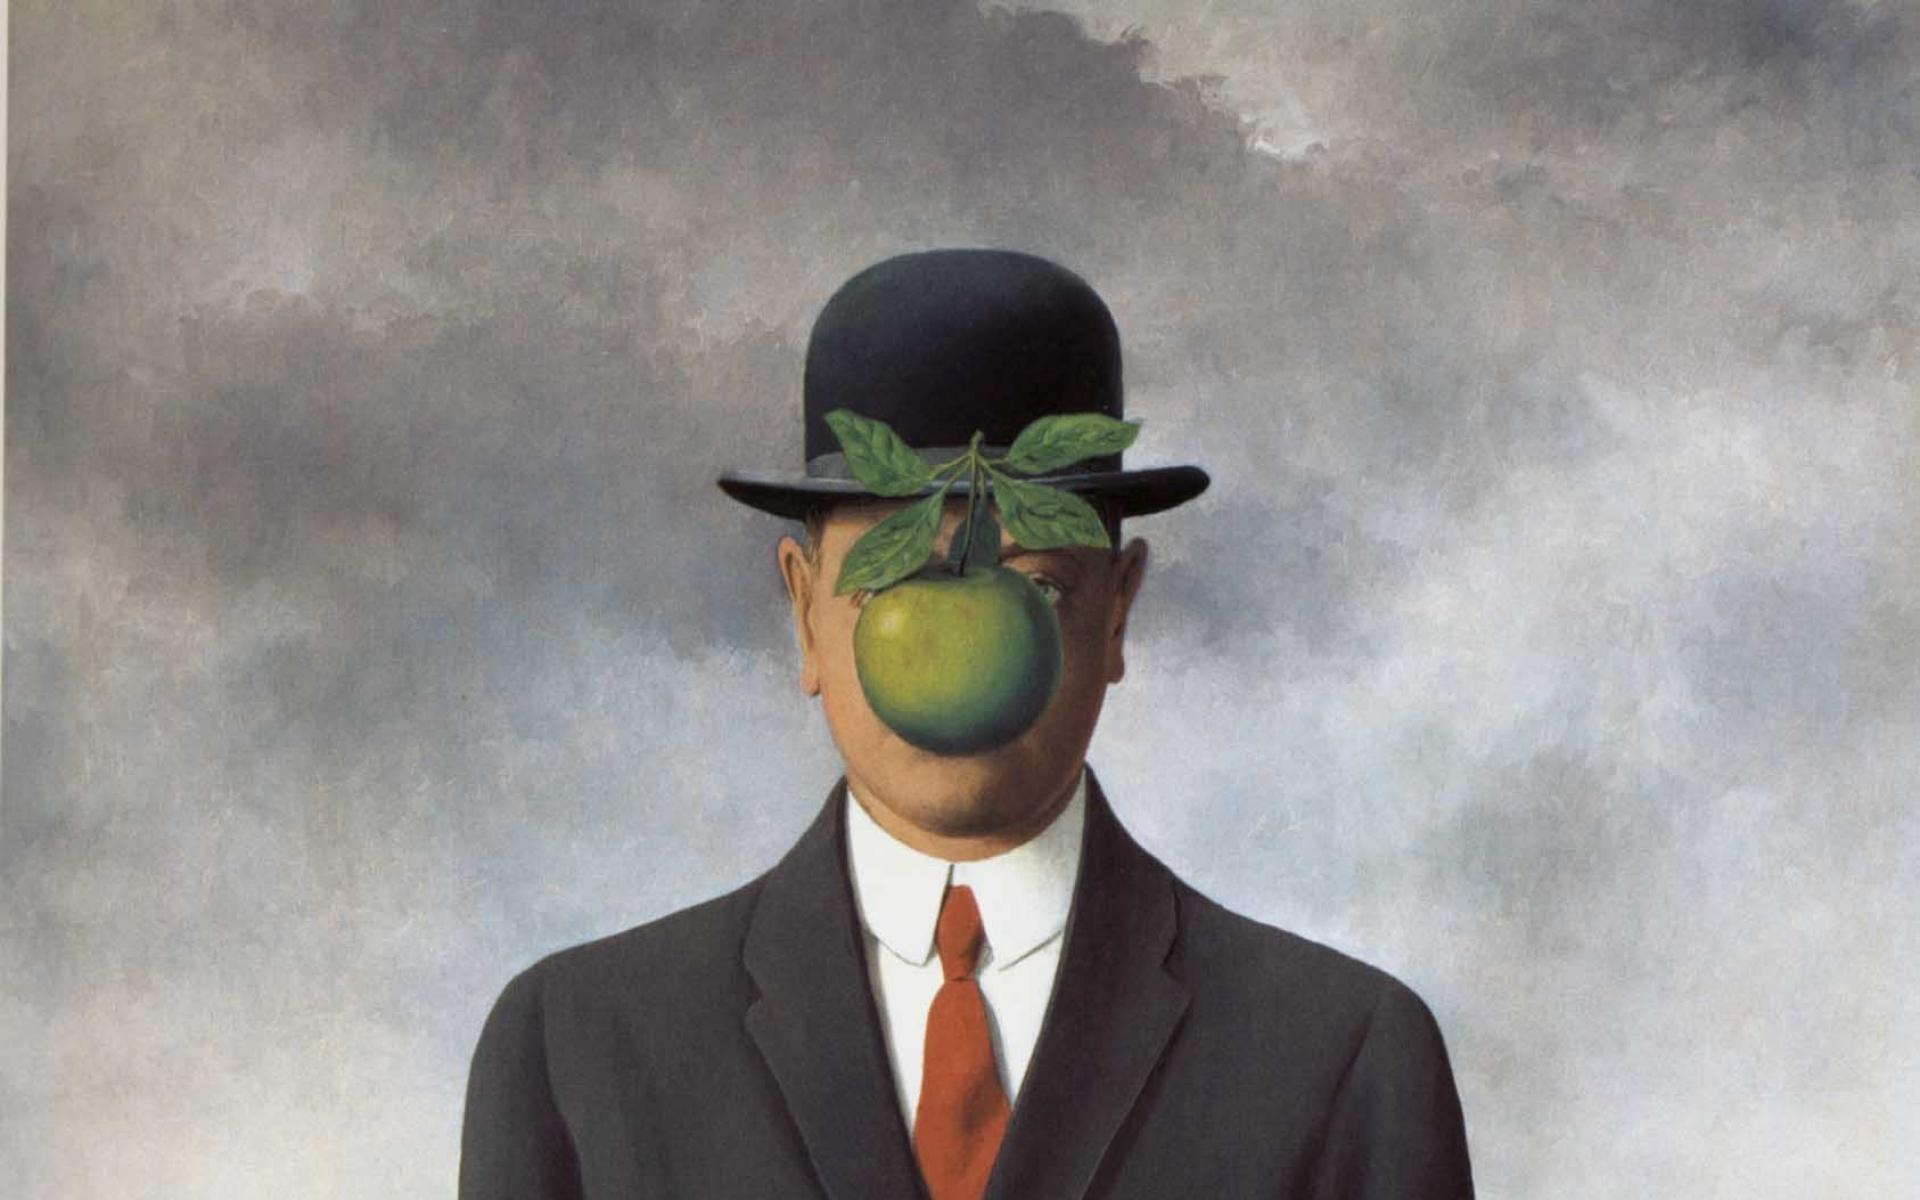 rene magritte son of man 1686x2198 wallpaper High Resolution Wallpaper 1920x1200